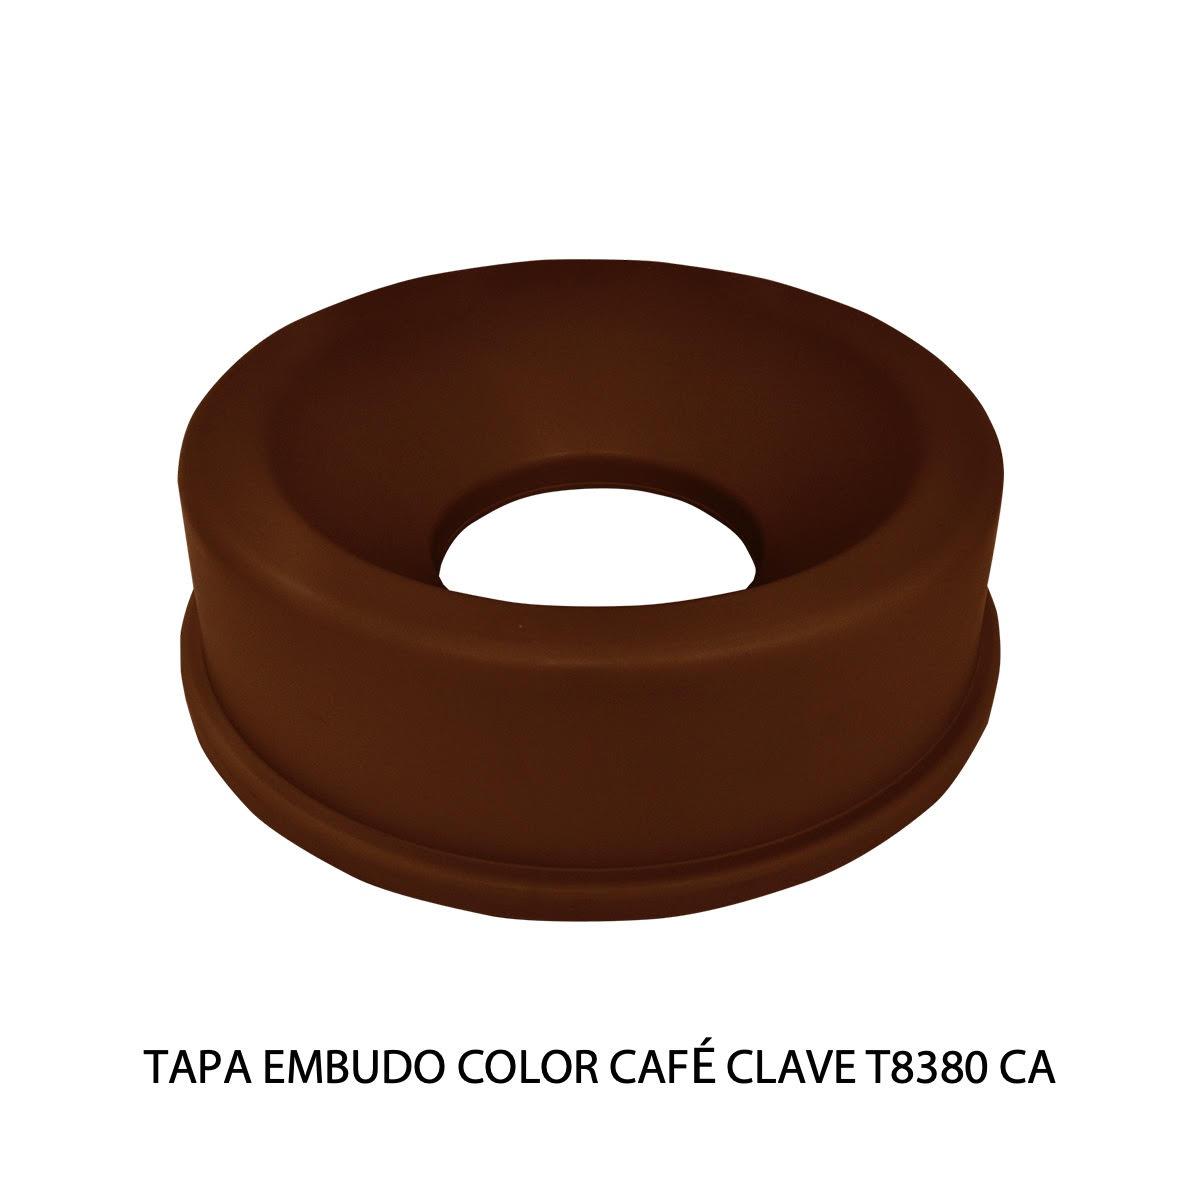 Tapa embudo color amarillo clave T8380 CA de Sablón